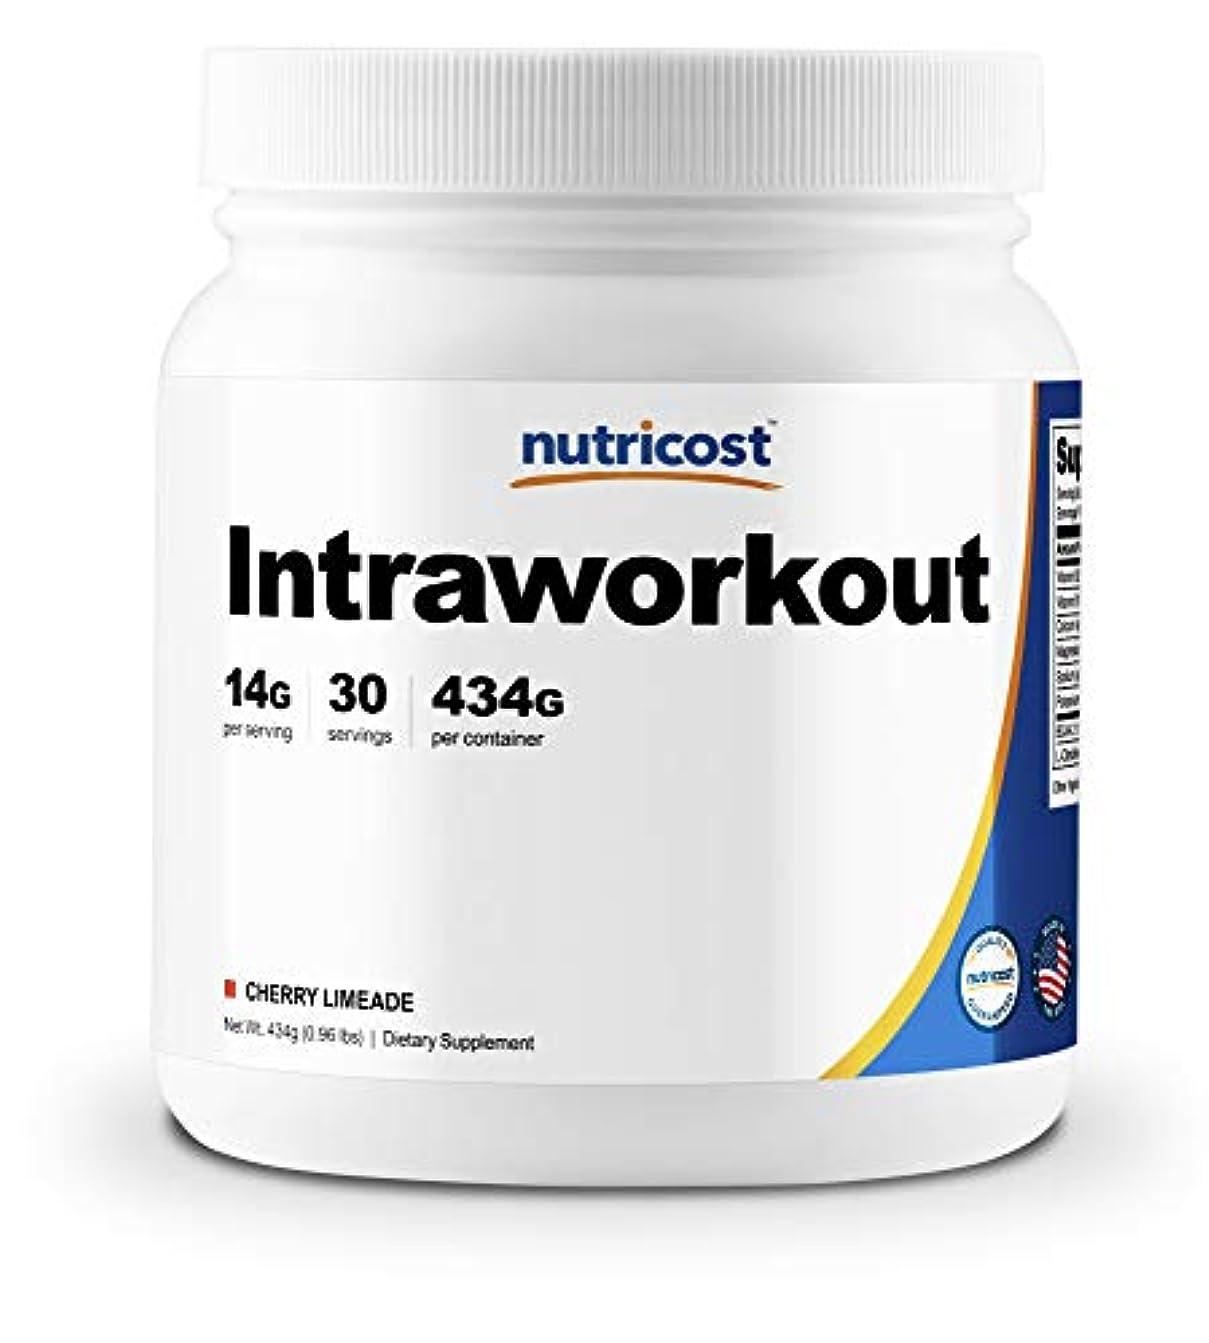 興奮ダイアクリティカルオプショナルNutricost イントラワークアウトパウダー(チェリーライムエード味)、非GMO、グルテンフリー